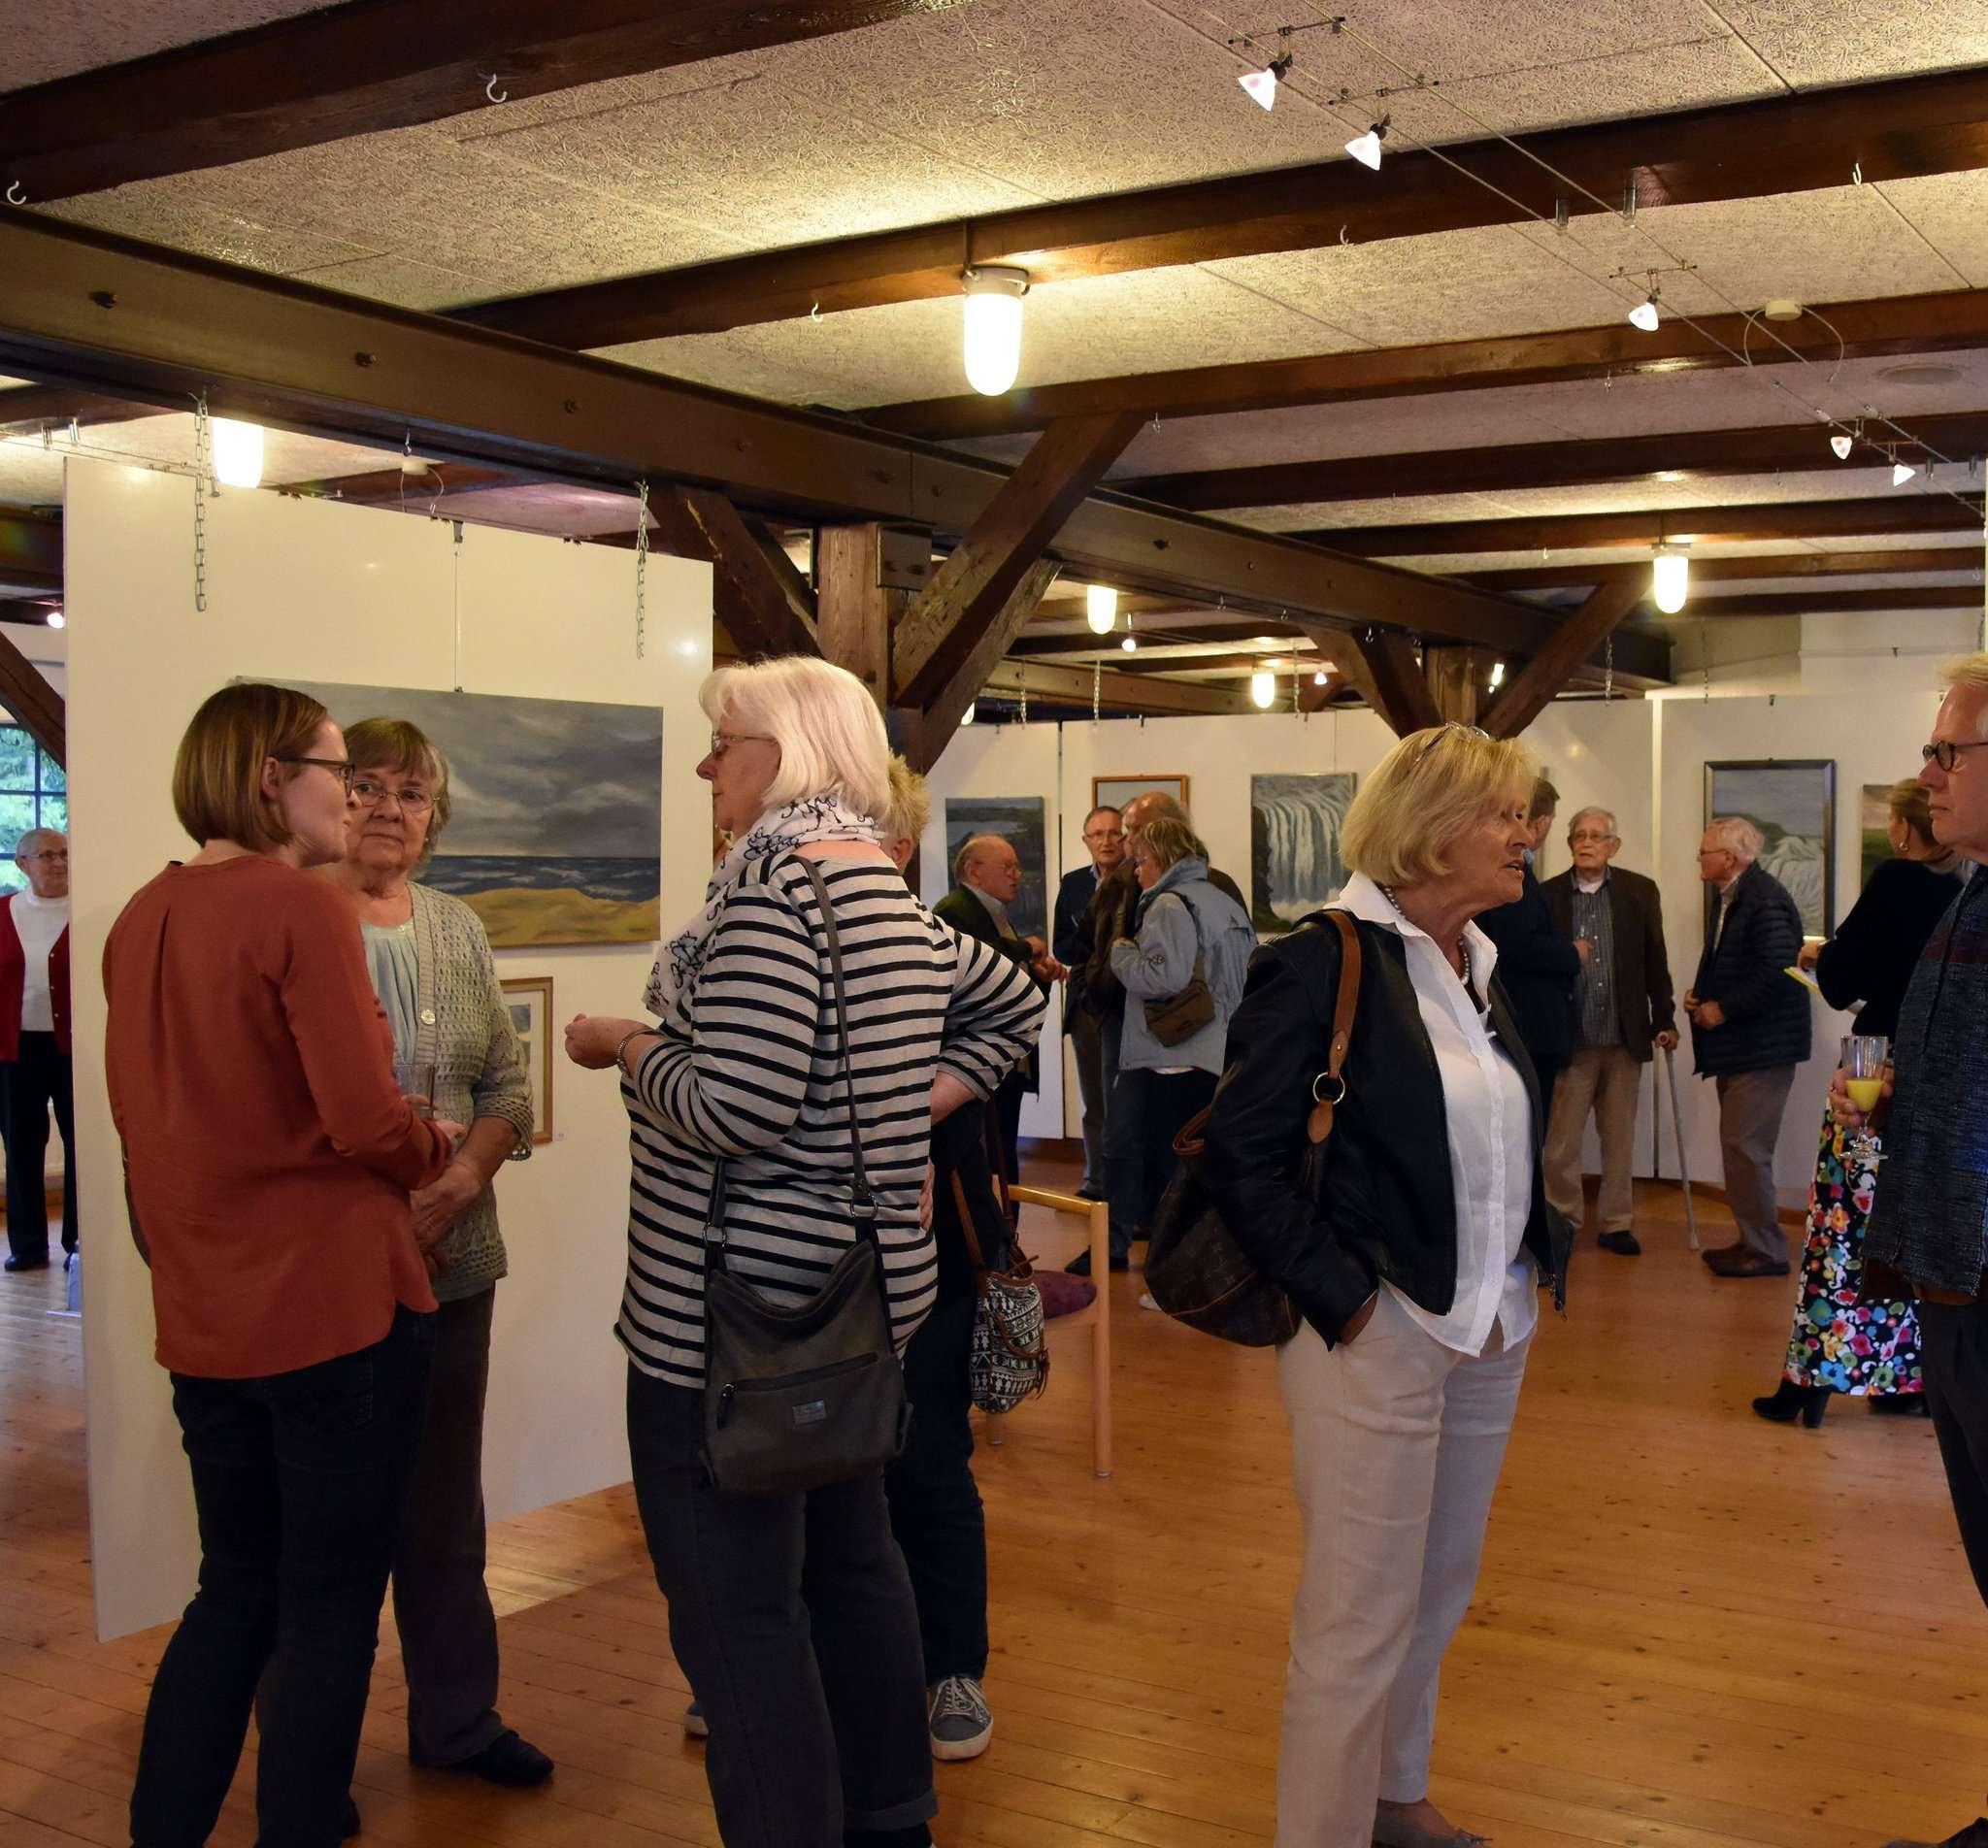 Die offizielle Eröffnung der Ausstellung fand im Kreis geladener Gäste statt. Fotos: Heidrun Meyer